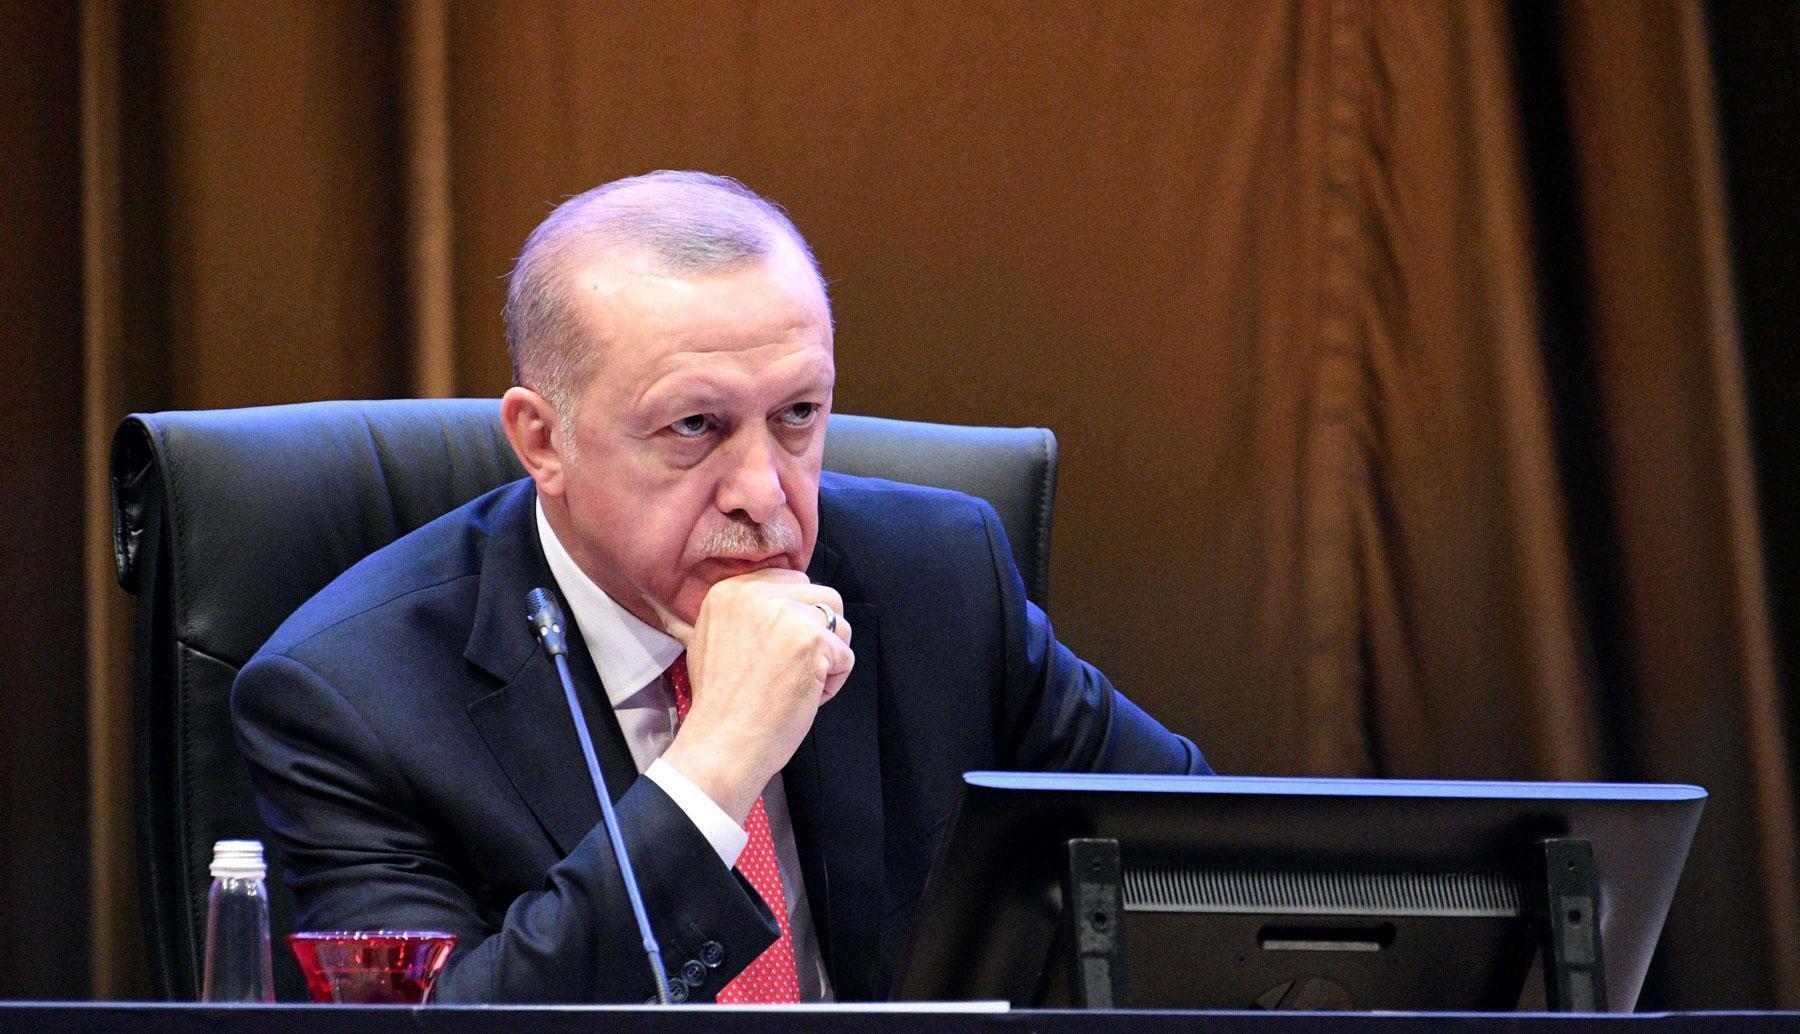 تركيا تقول إنها ستتخذ إجراءات إضافية ضد الهجمات في إدلب بسوريا